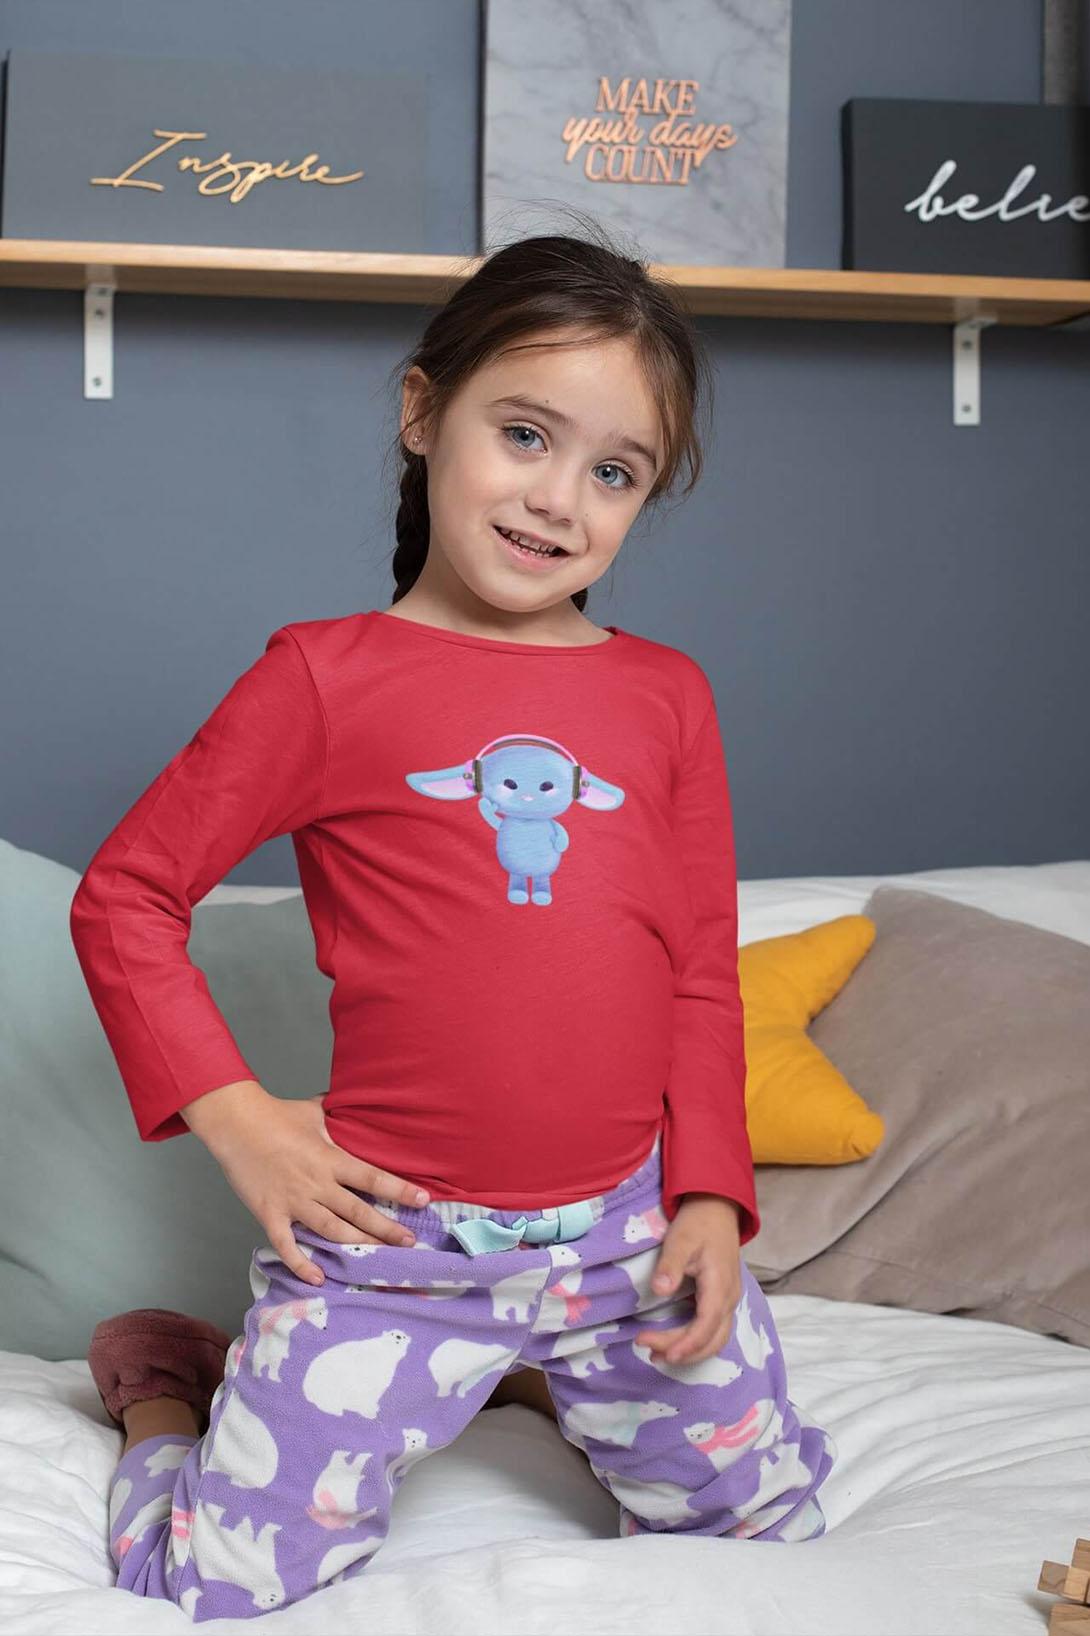 MMO Detské tričko s dlhým rukávom Zajac so slúchadlami Vyberte farbu:: Tyrkysová, Detská veľkosť: 122/6 rokov